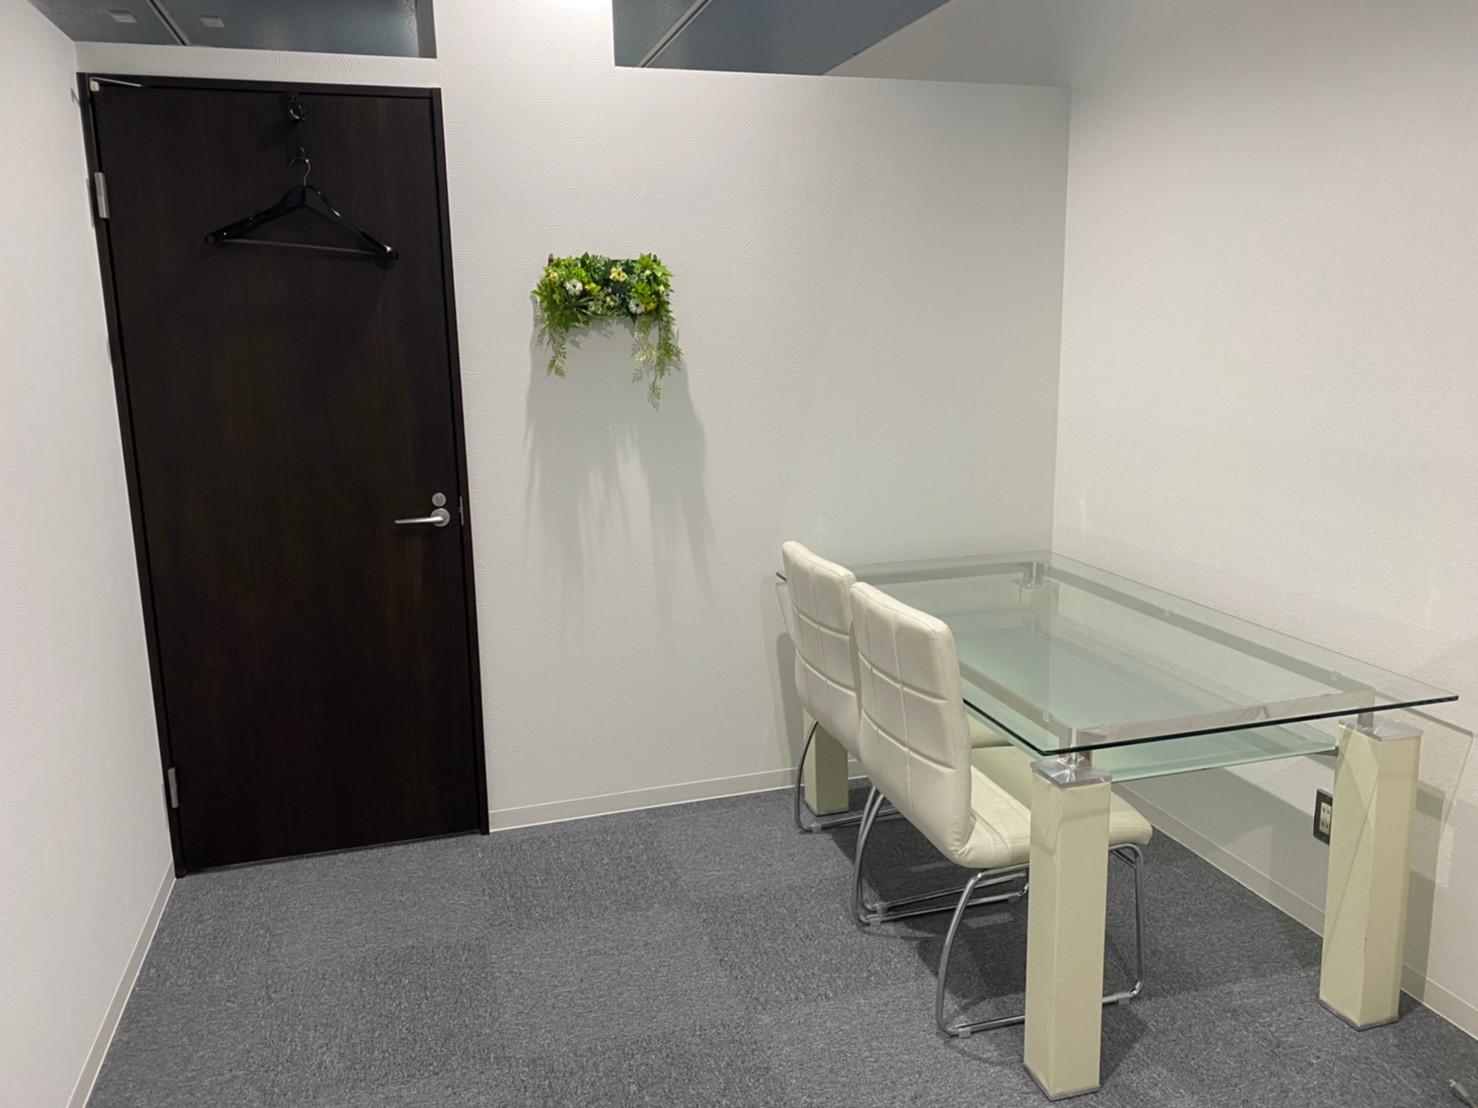 ダイニングテーブルセット - ぽっぽスタイル Room Dの室内の写真